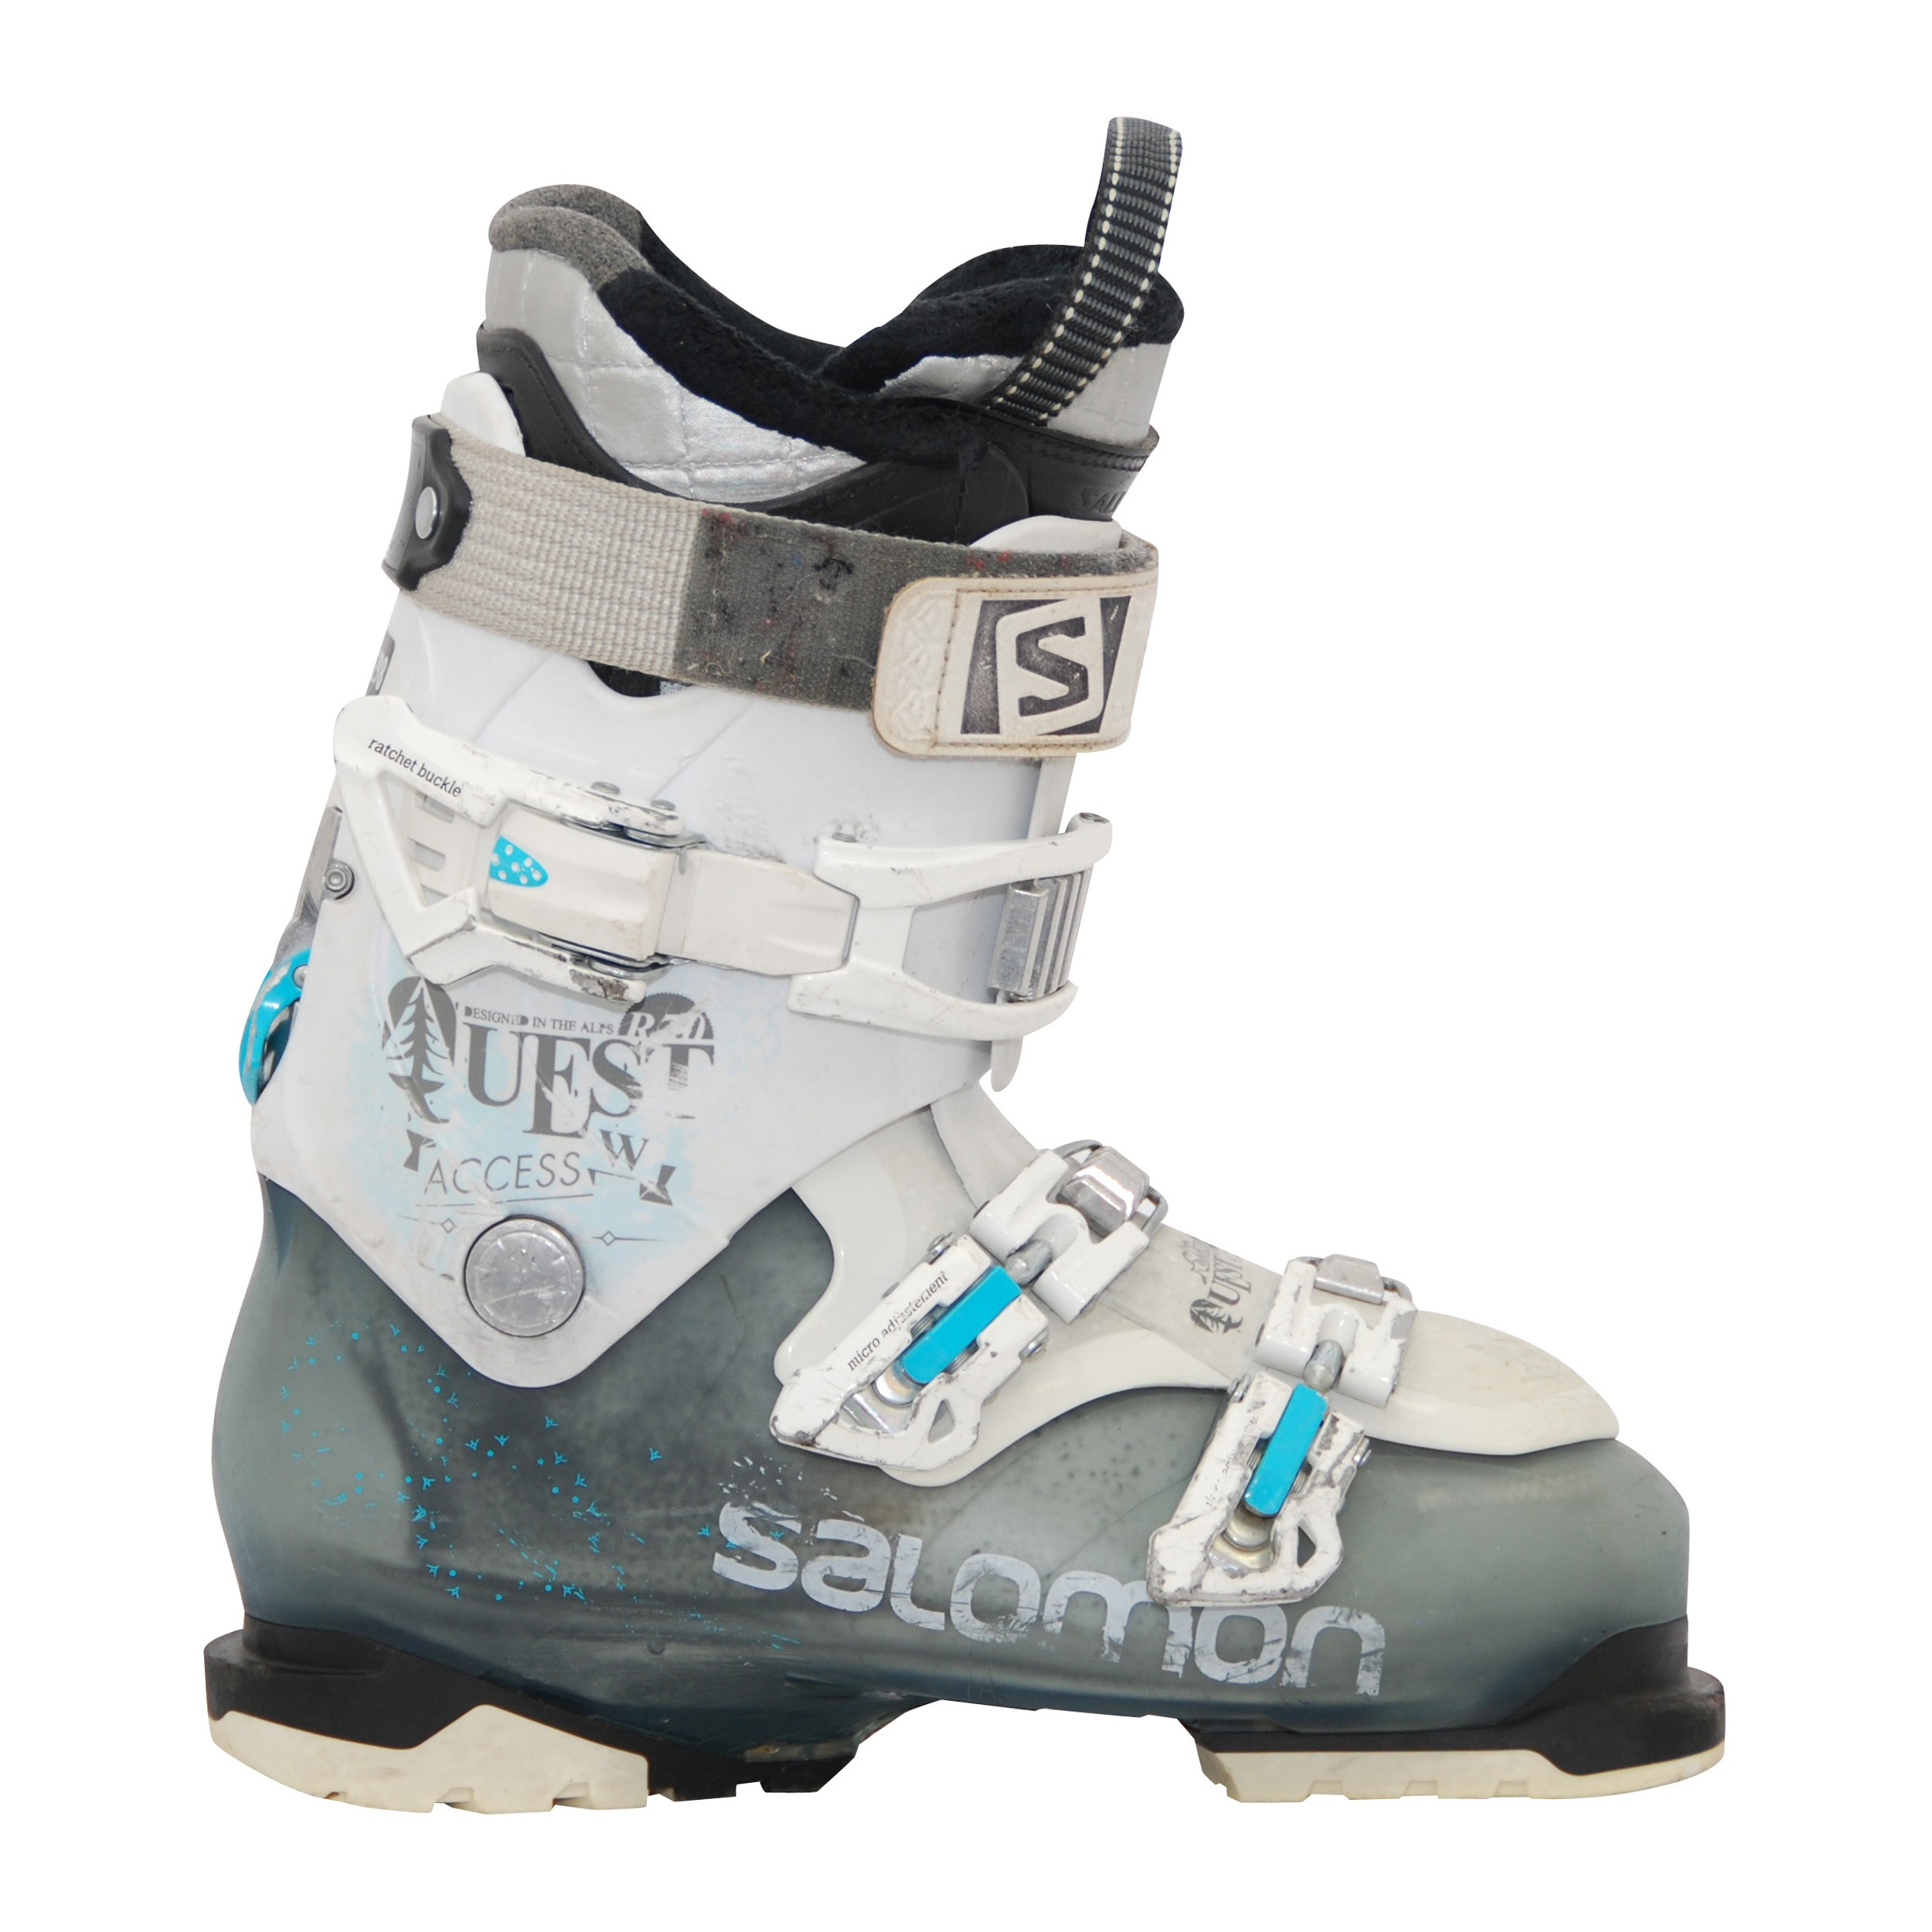 Legare Conservante Erede Salomon Quest 80 Ski Boots Sabbioso Omosessuale Ammaccatura